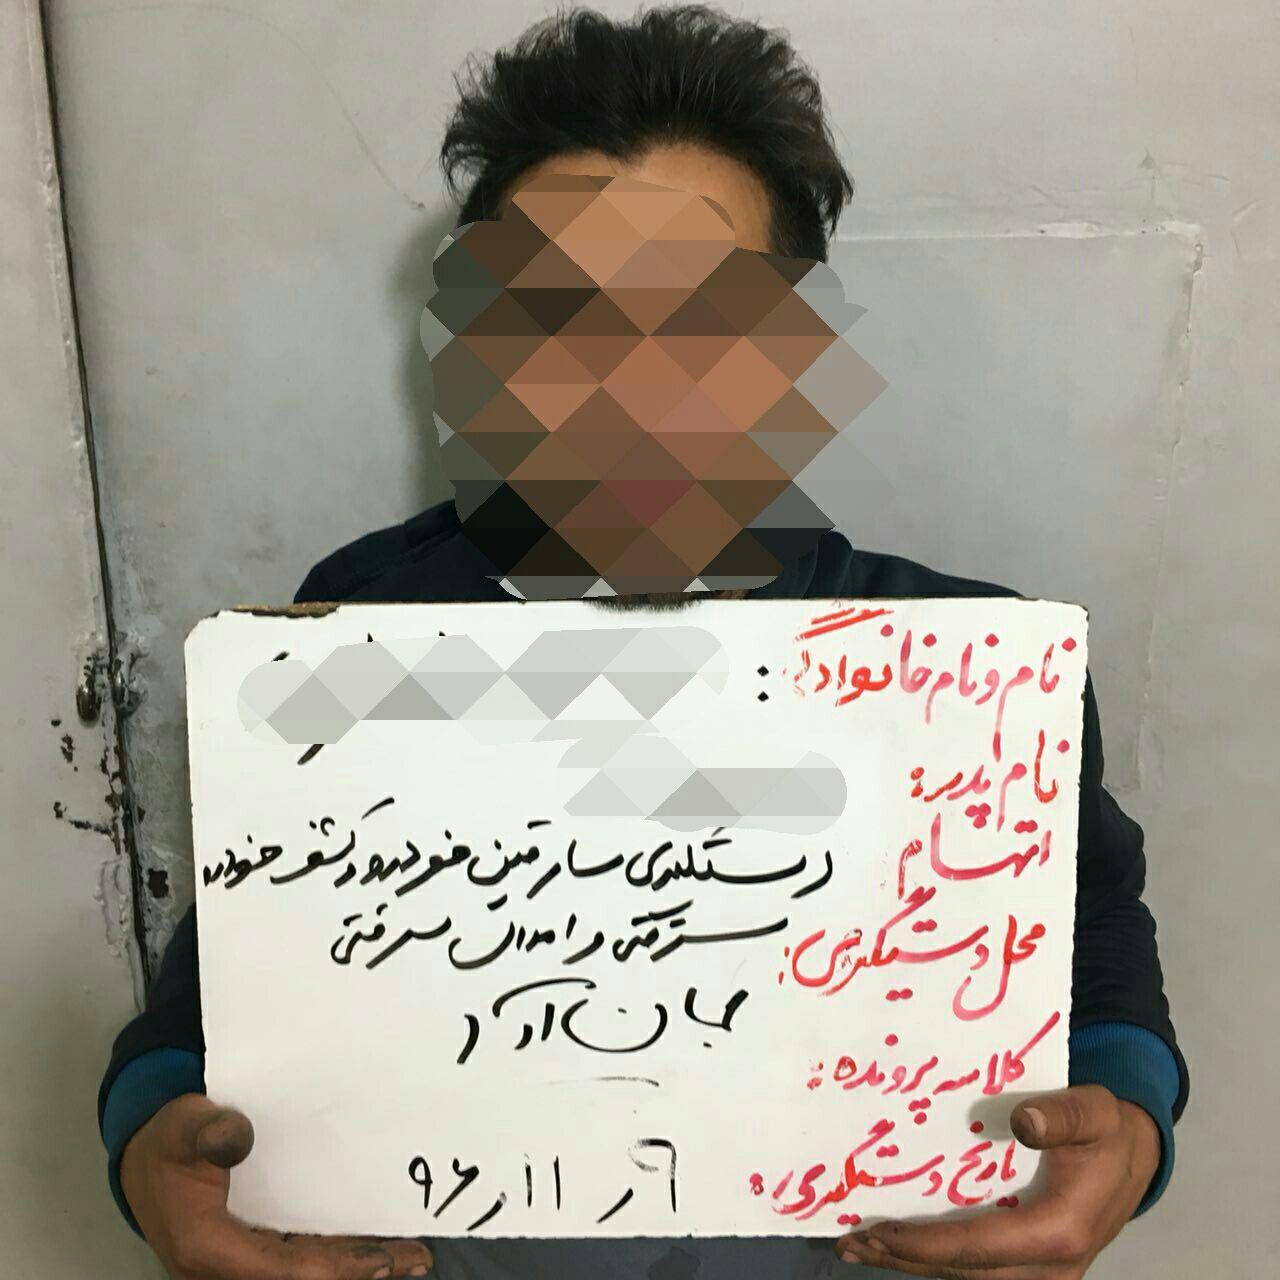 سارق لوزم خودرو یوسف آباد دستگیر شد